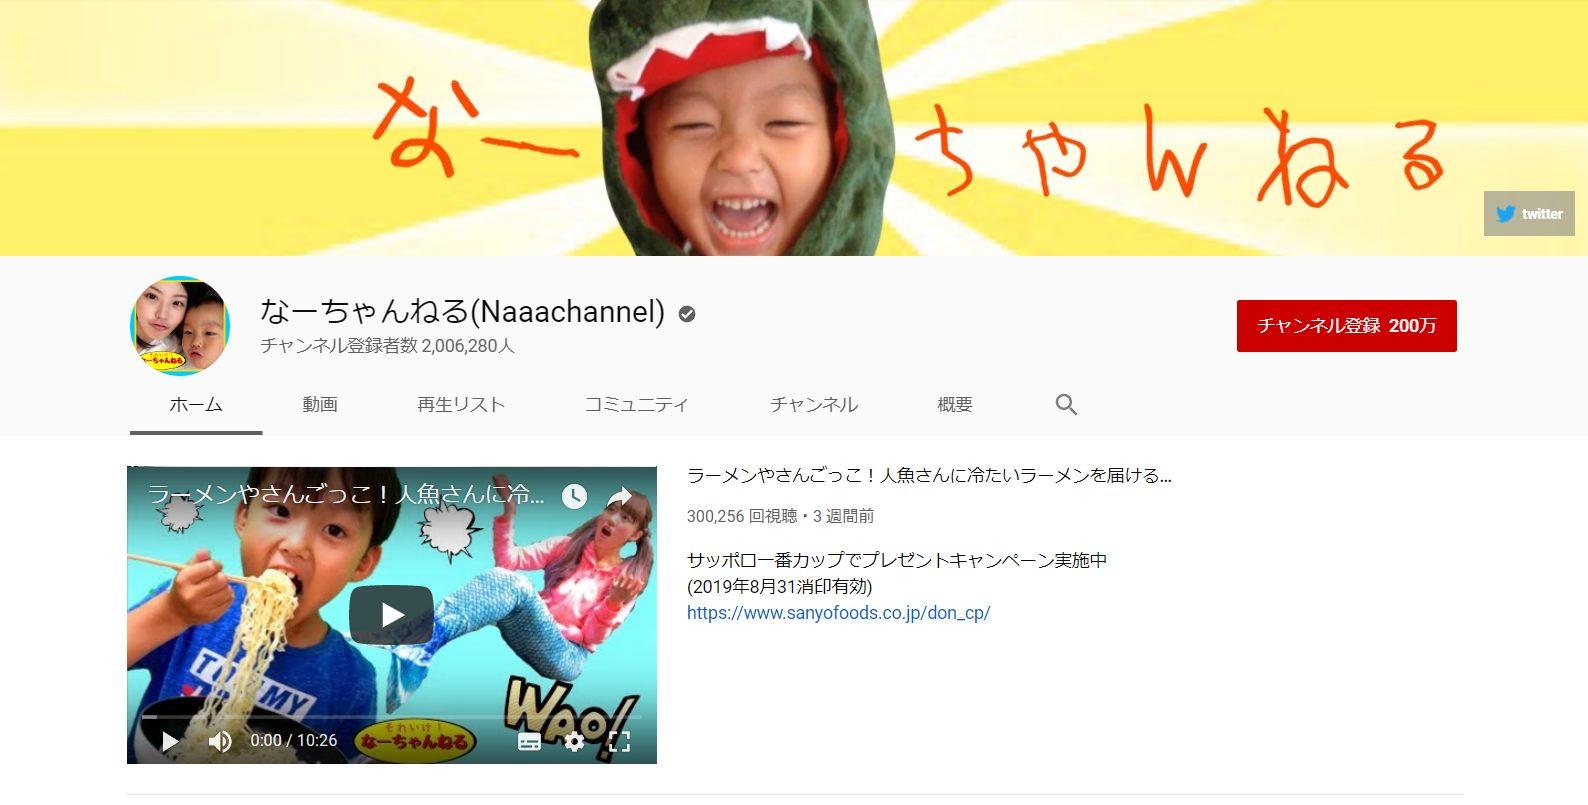 youtuber-naaachannel